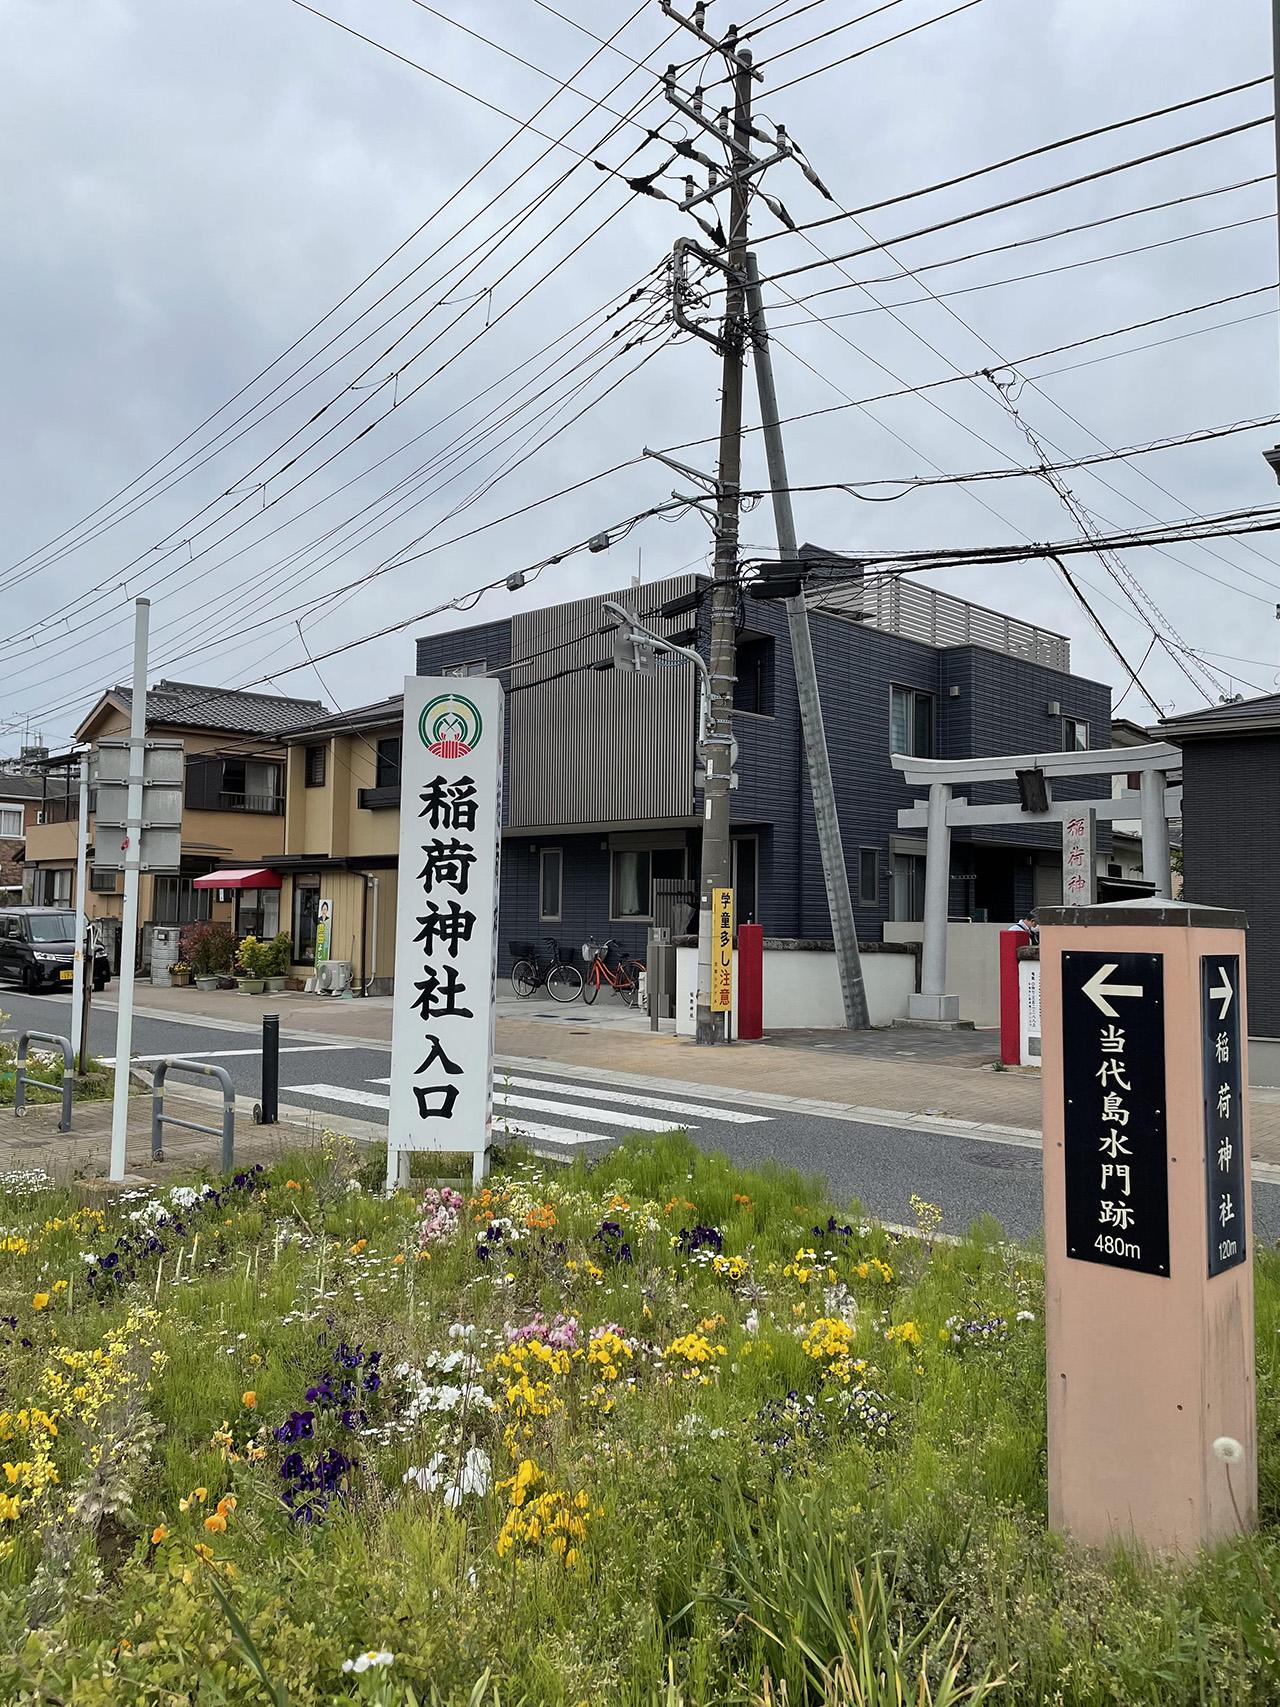 稲荷神社入口の写真